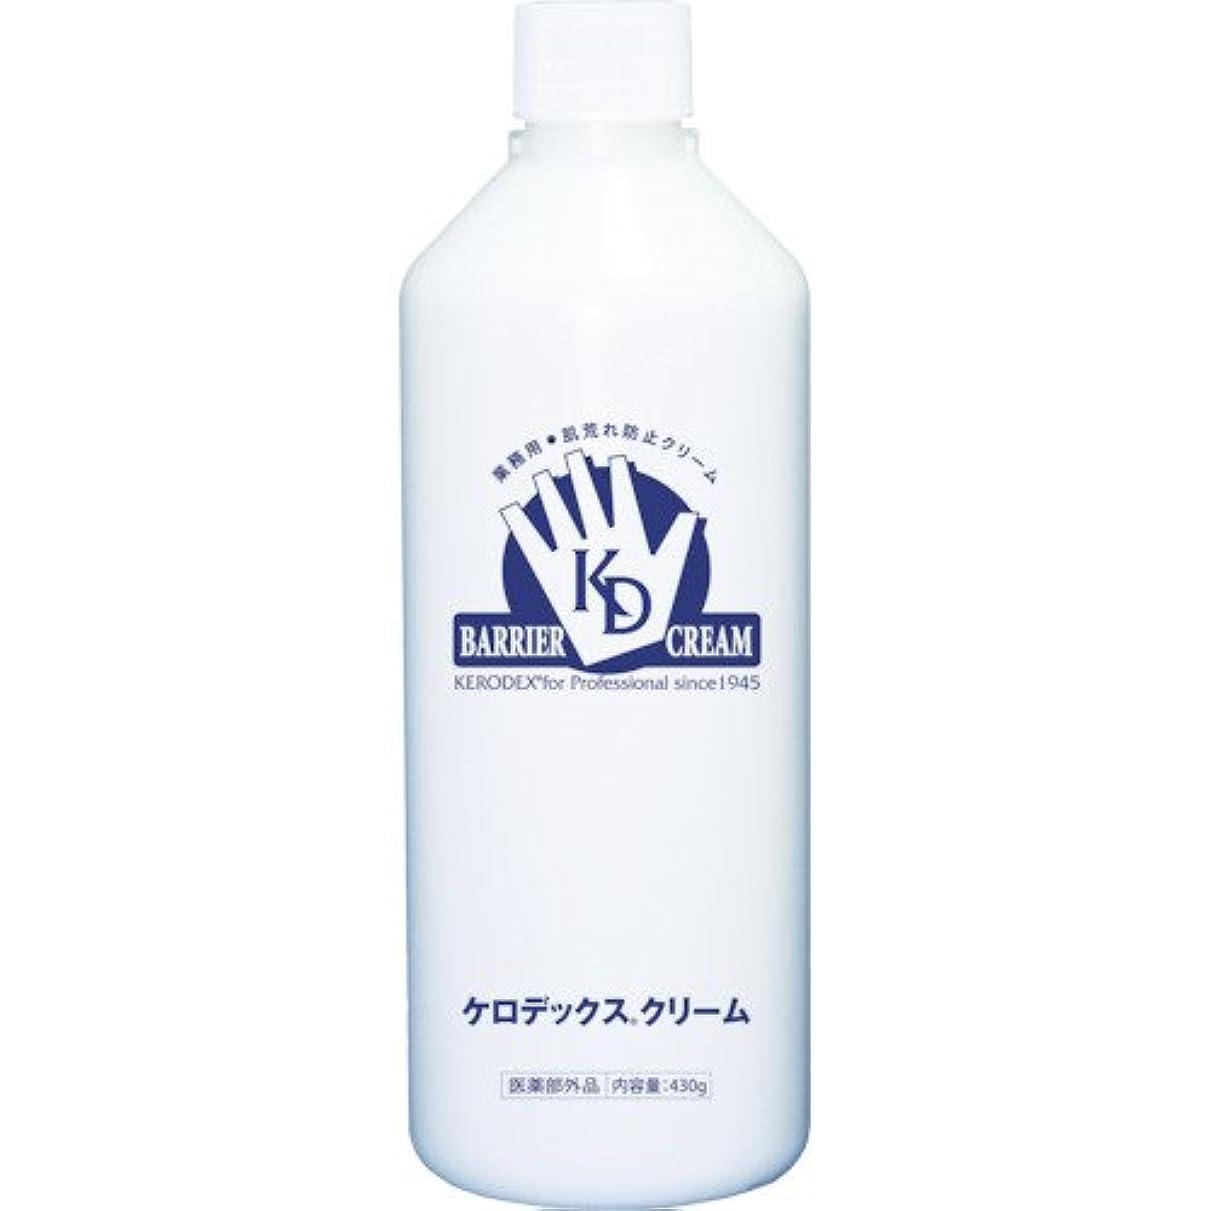 付属品混沌覗くケロデックスクリーム ボトルタイプ 詰替用 430g